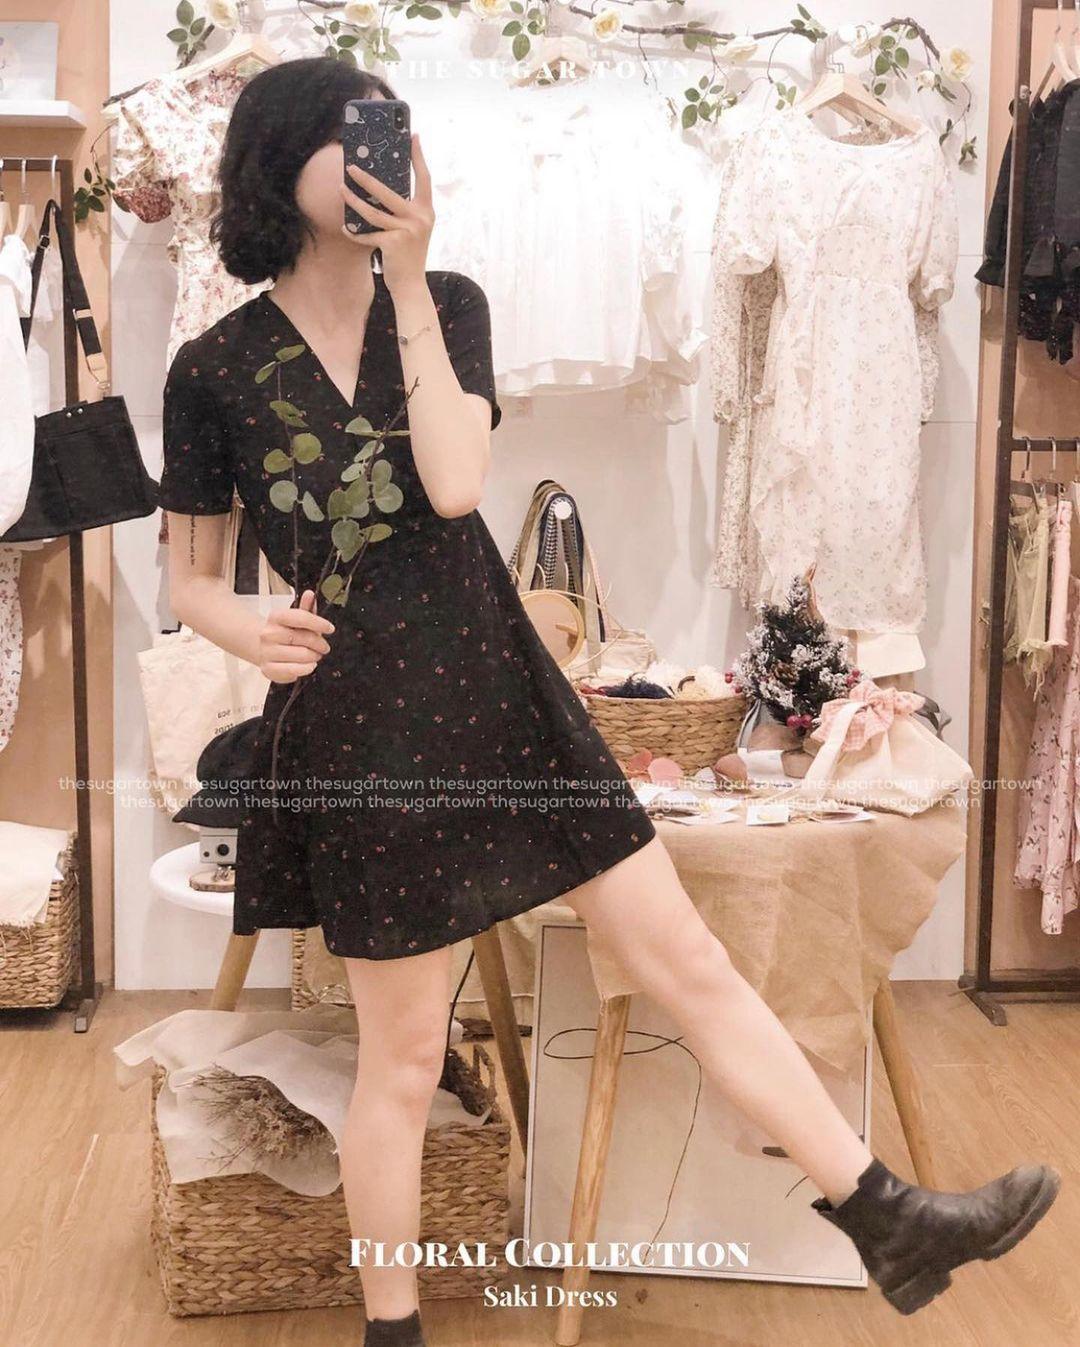 Thiều Bảo Trâm diện váy hoa xinh mê ly, bóc mác mới biết là hàng mua online chỉ 265k - Ảnh 5.